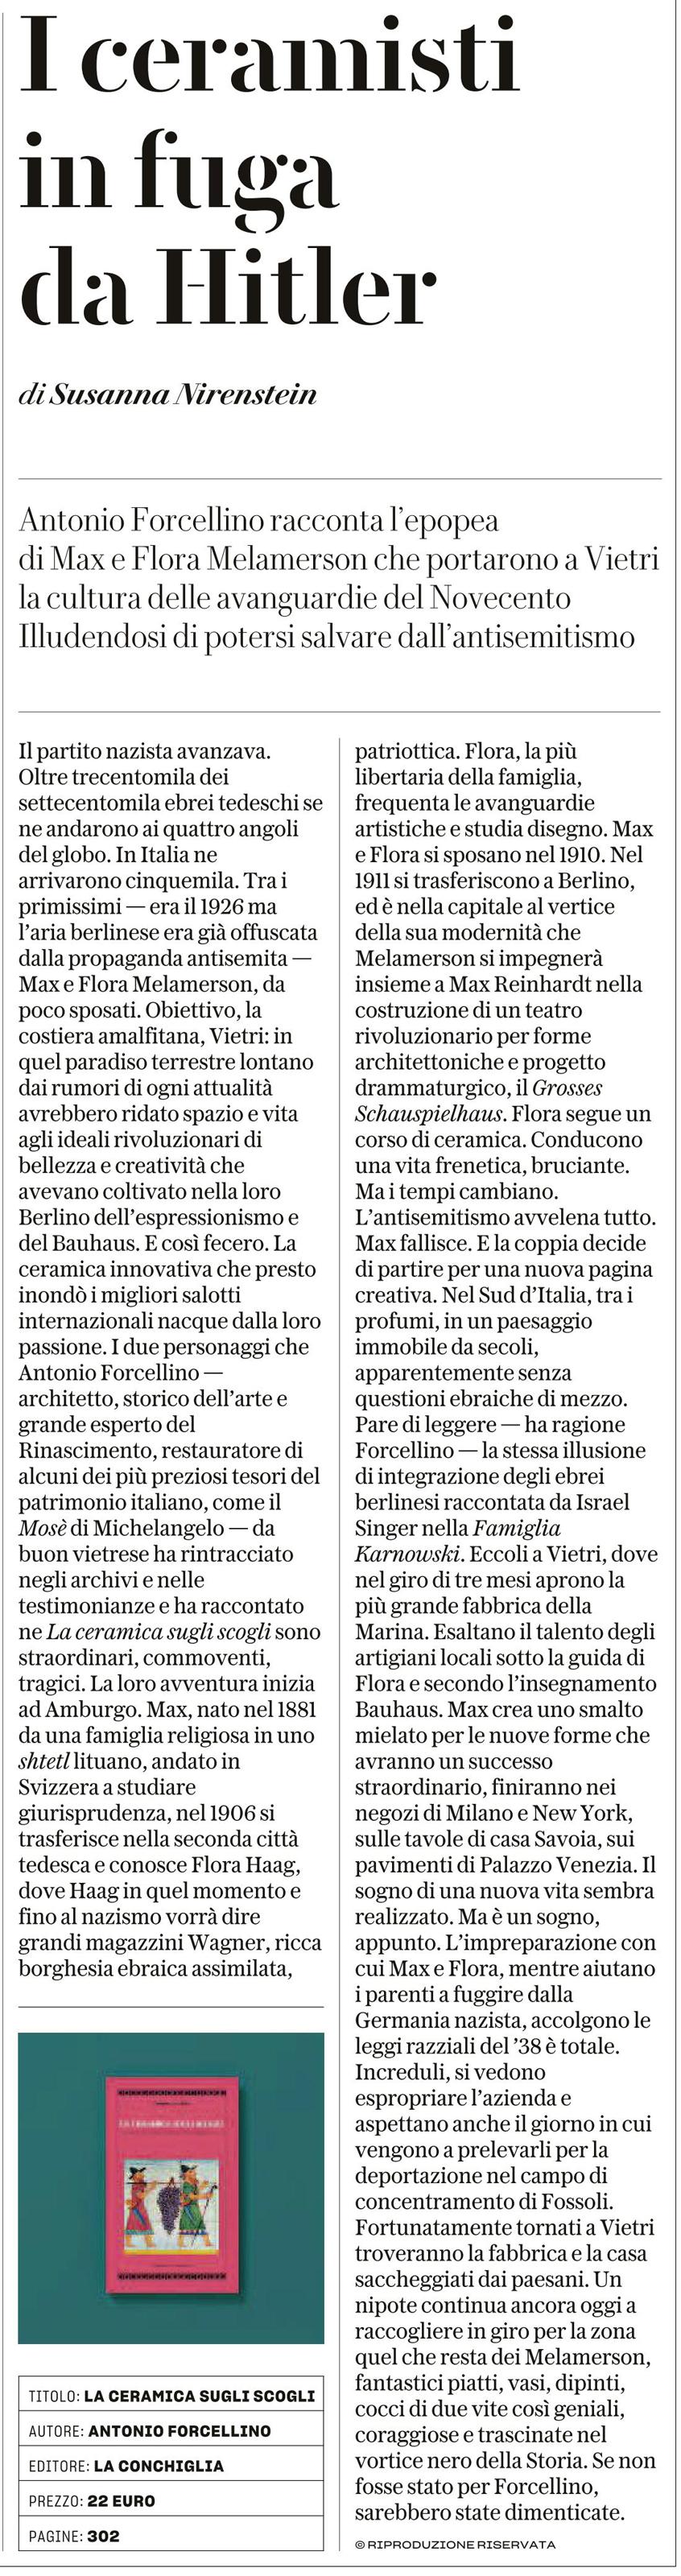 """Recensione libro """"La ceramica sugli scogli"""" di Antonio Forcellino di Susanna Nirenstein, Robinson, La Repubblica, 19-11-2017"""